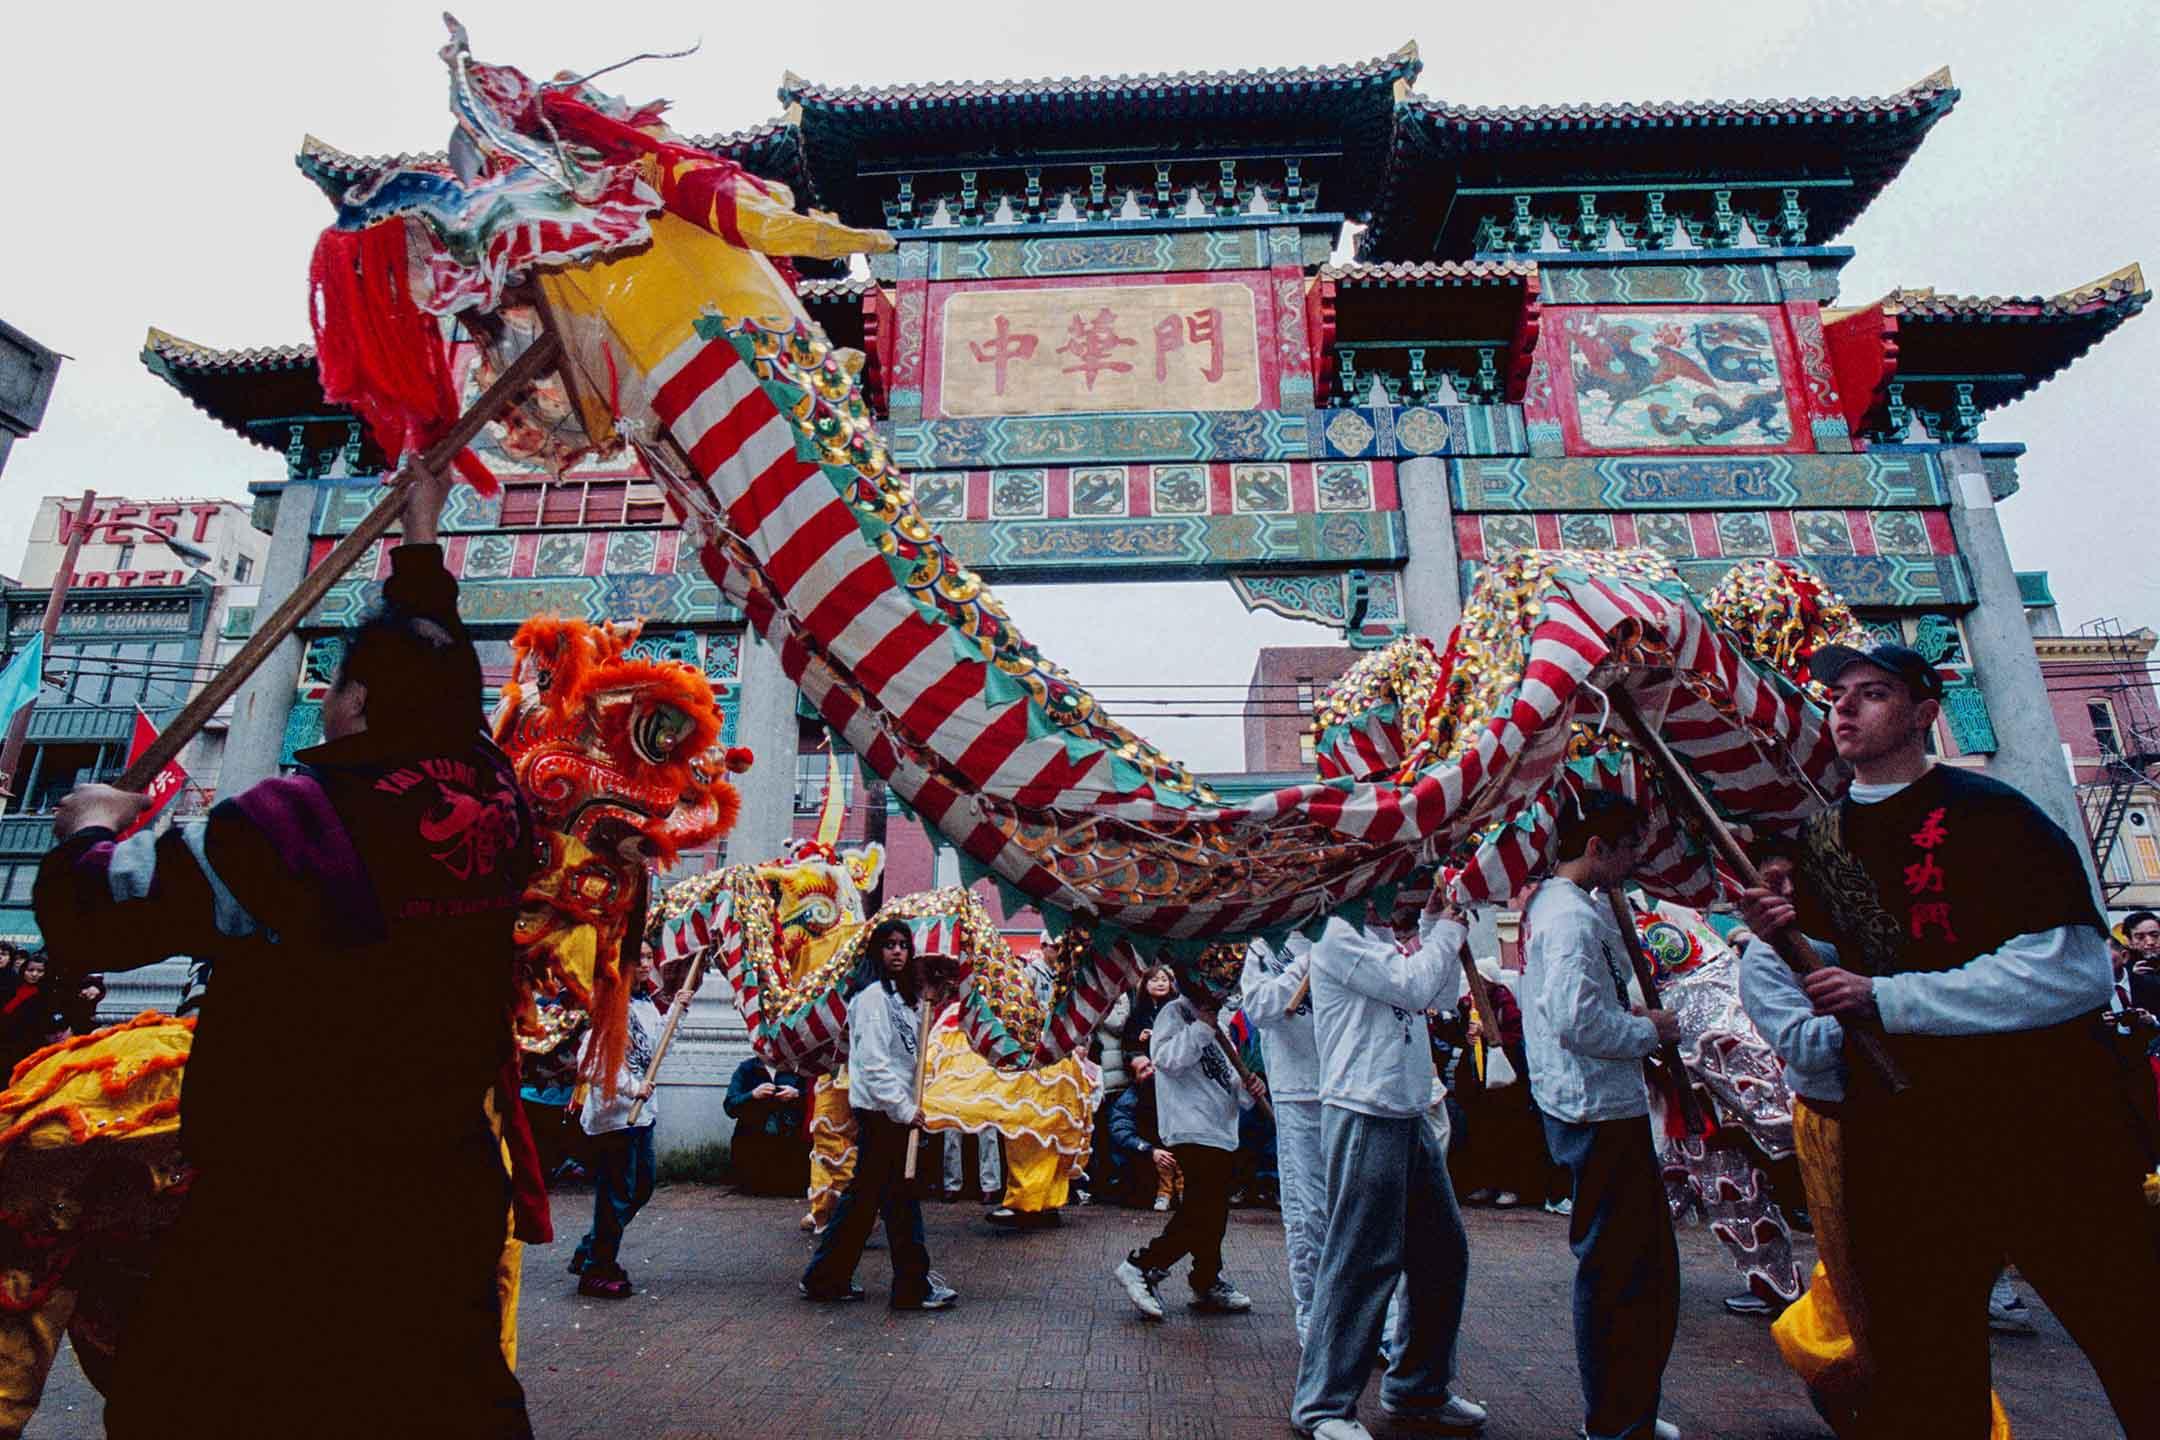 2002年2月17日加拿大溫哥華,農曆新年遊行期間。